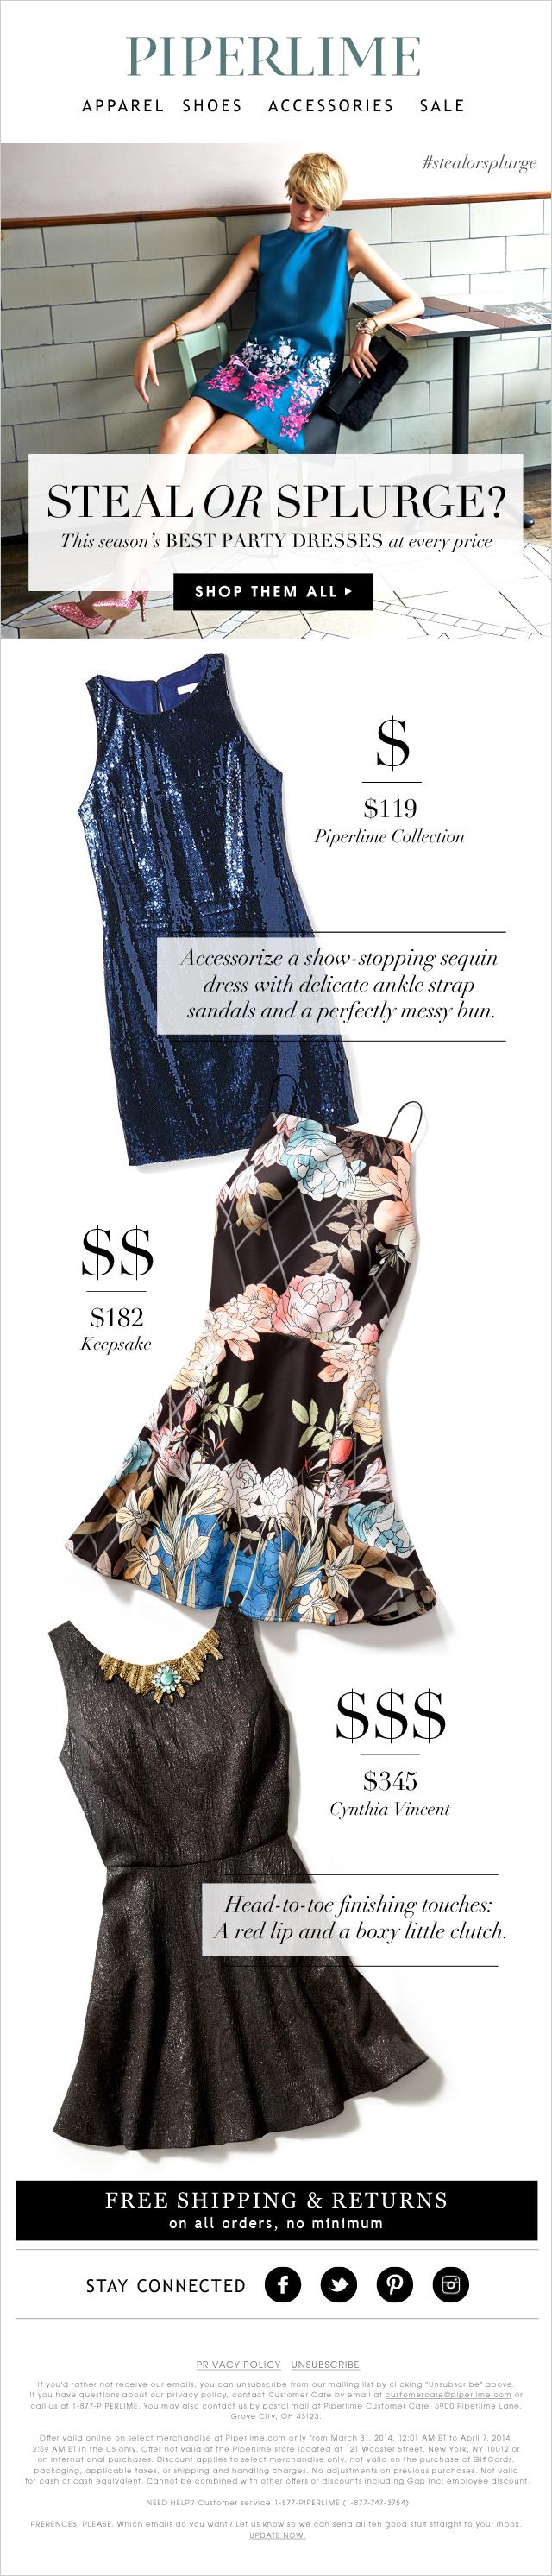 11.9 Steal or Splurge_Party Dresses.jpg